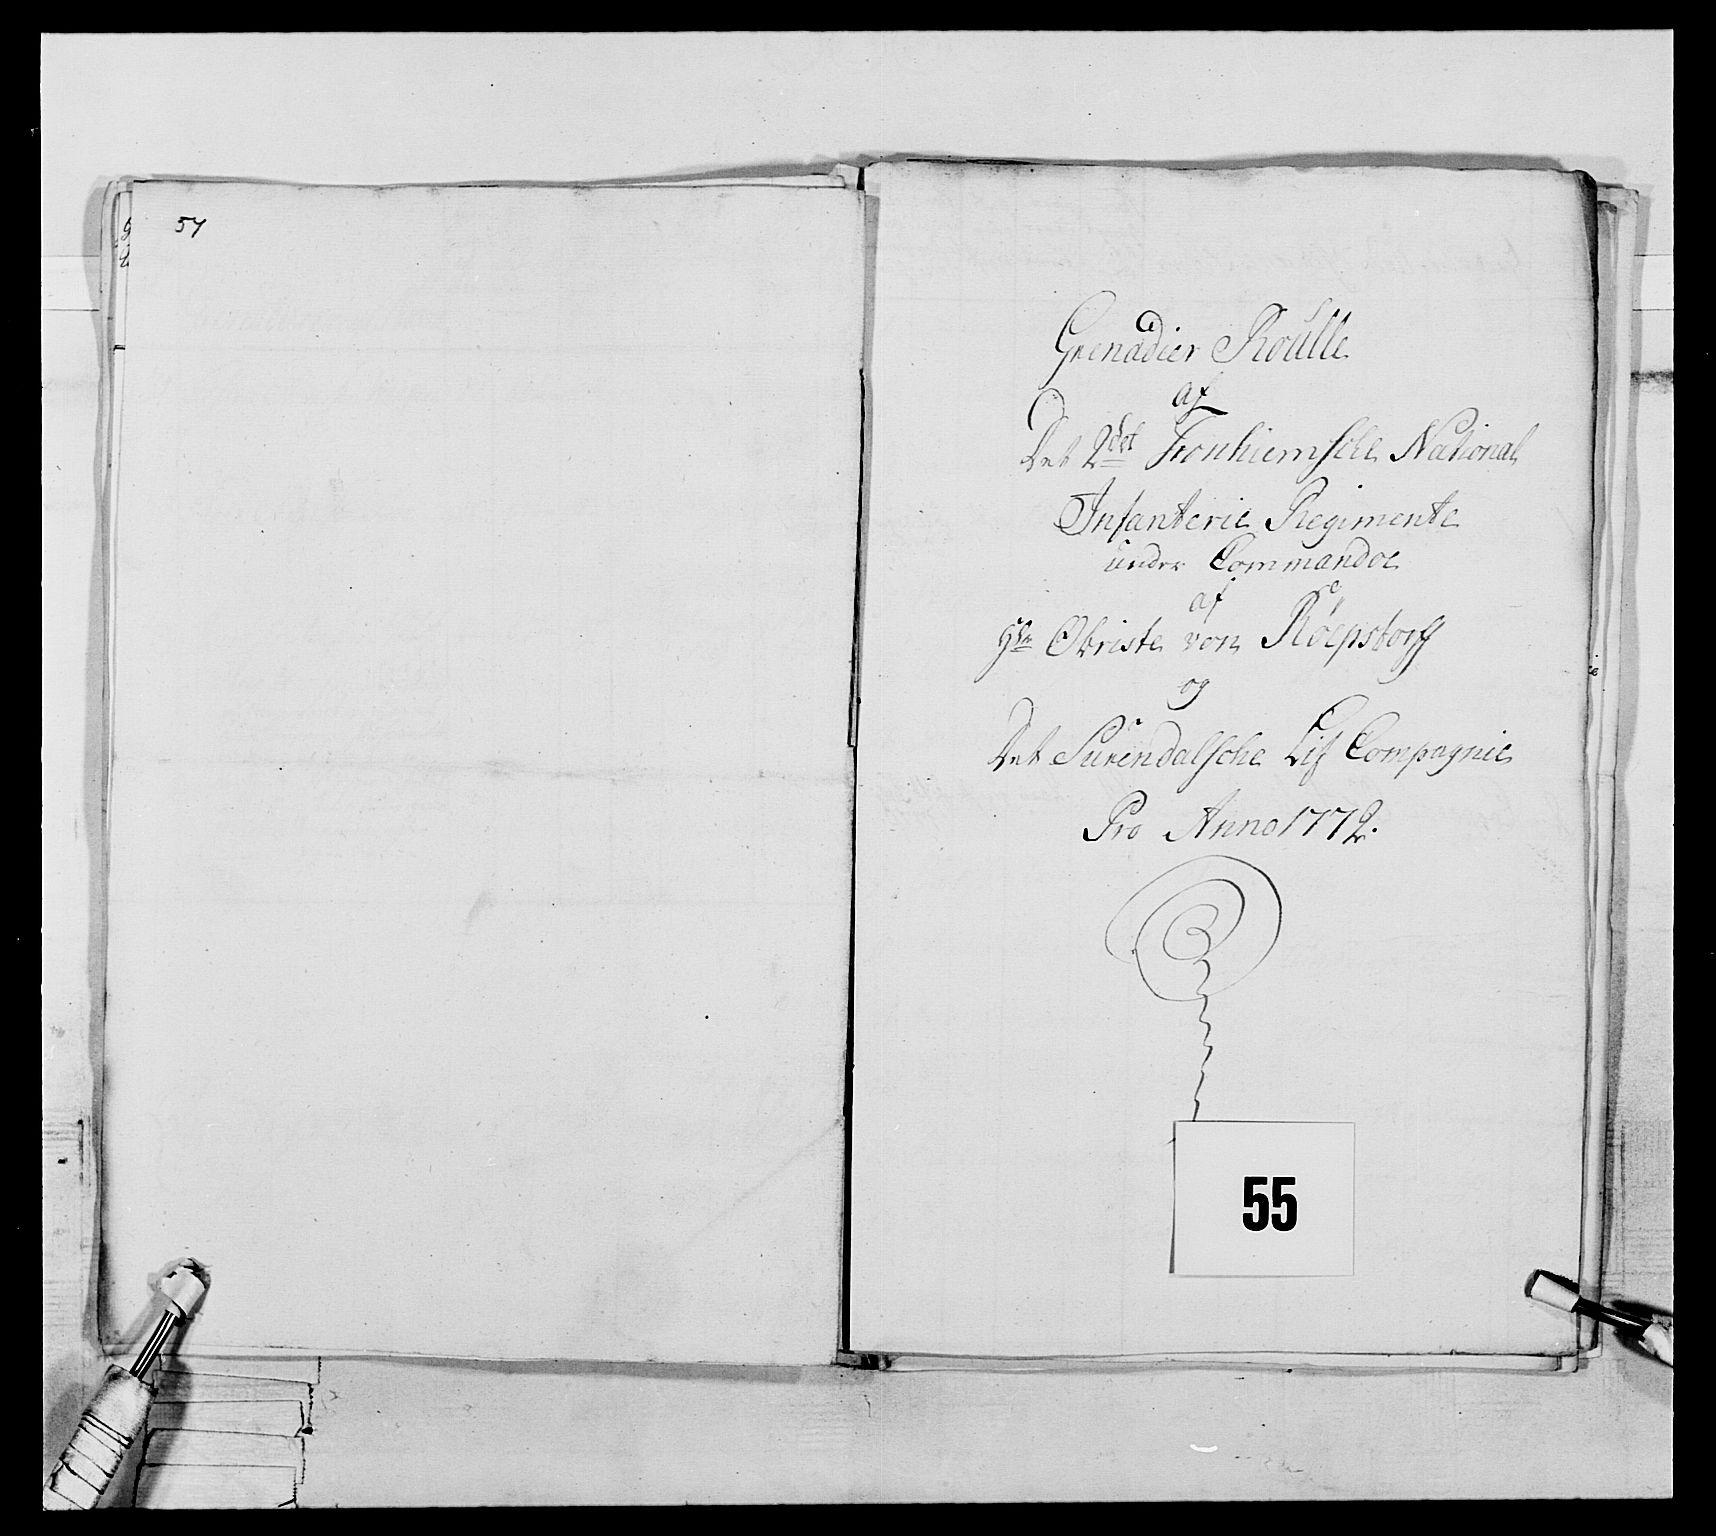 RA, Generalitets- og kommissariatskollegiet, Det kongelige norske kommissariatskollegium, E/Eh/L0076: 2. Trondheimske nasjonale infanteriregiment, 1766-1773, s. 188